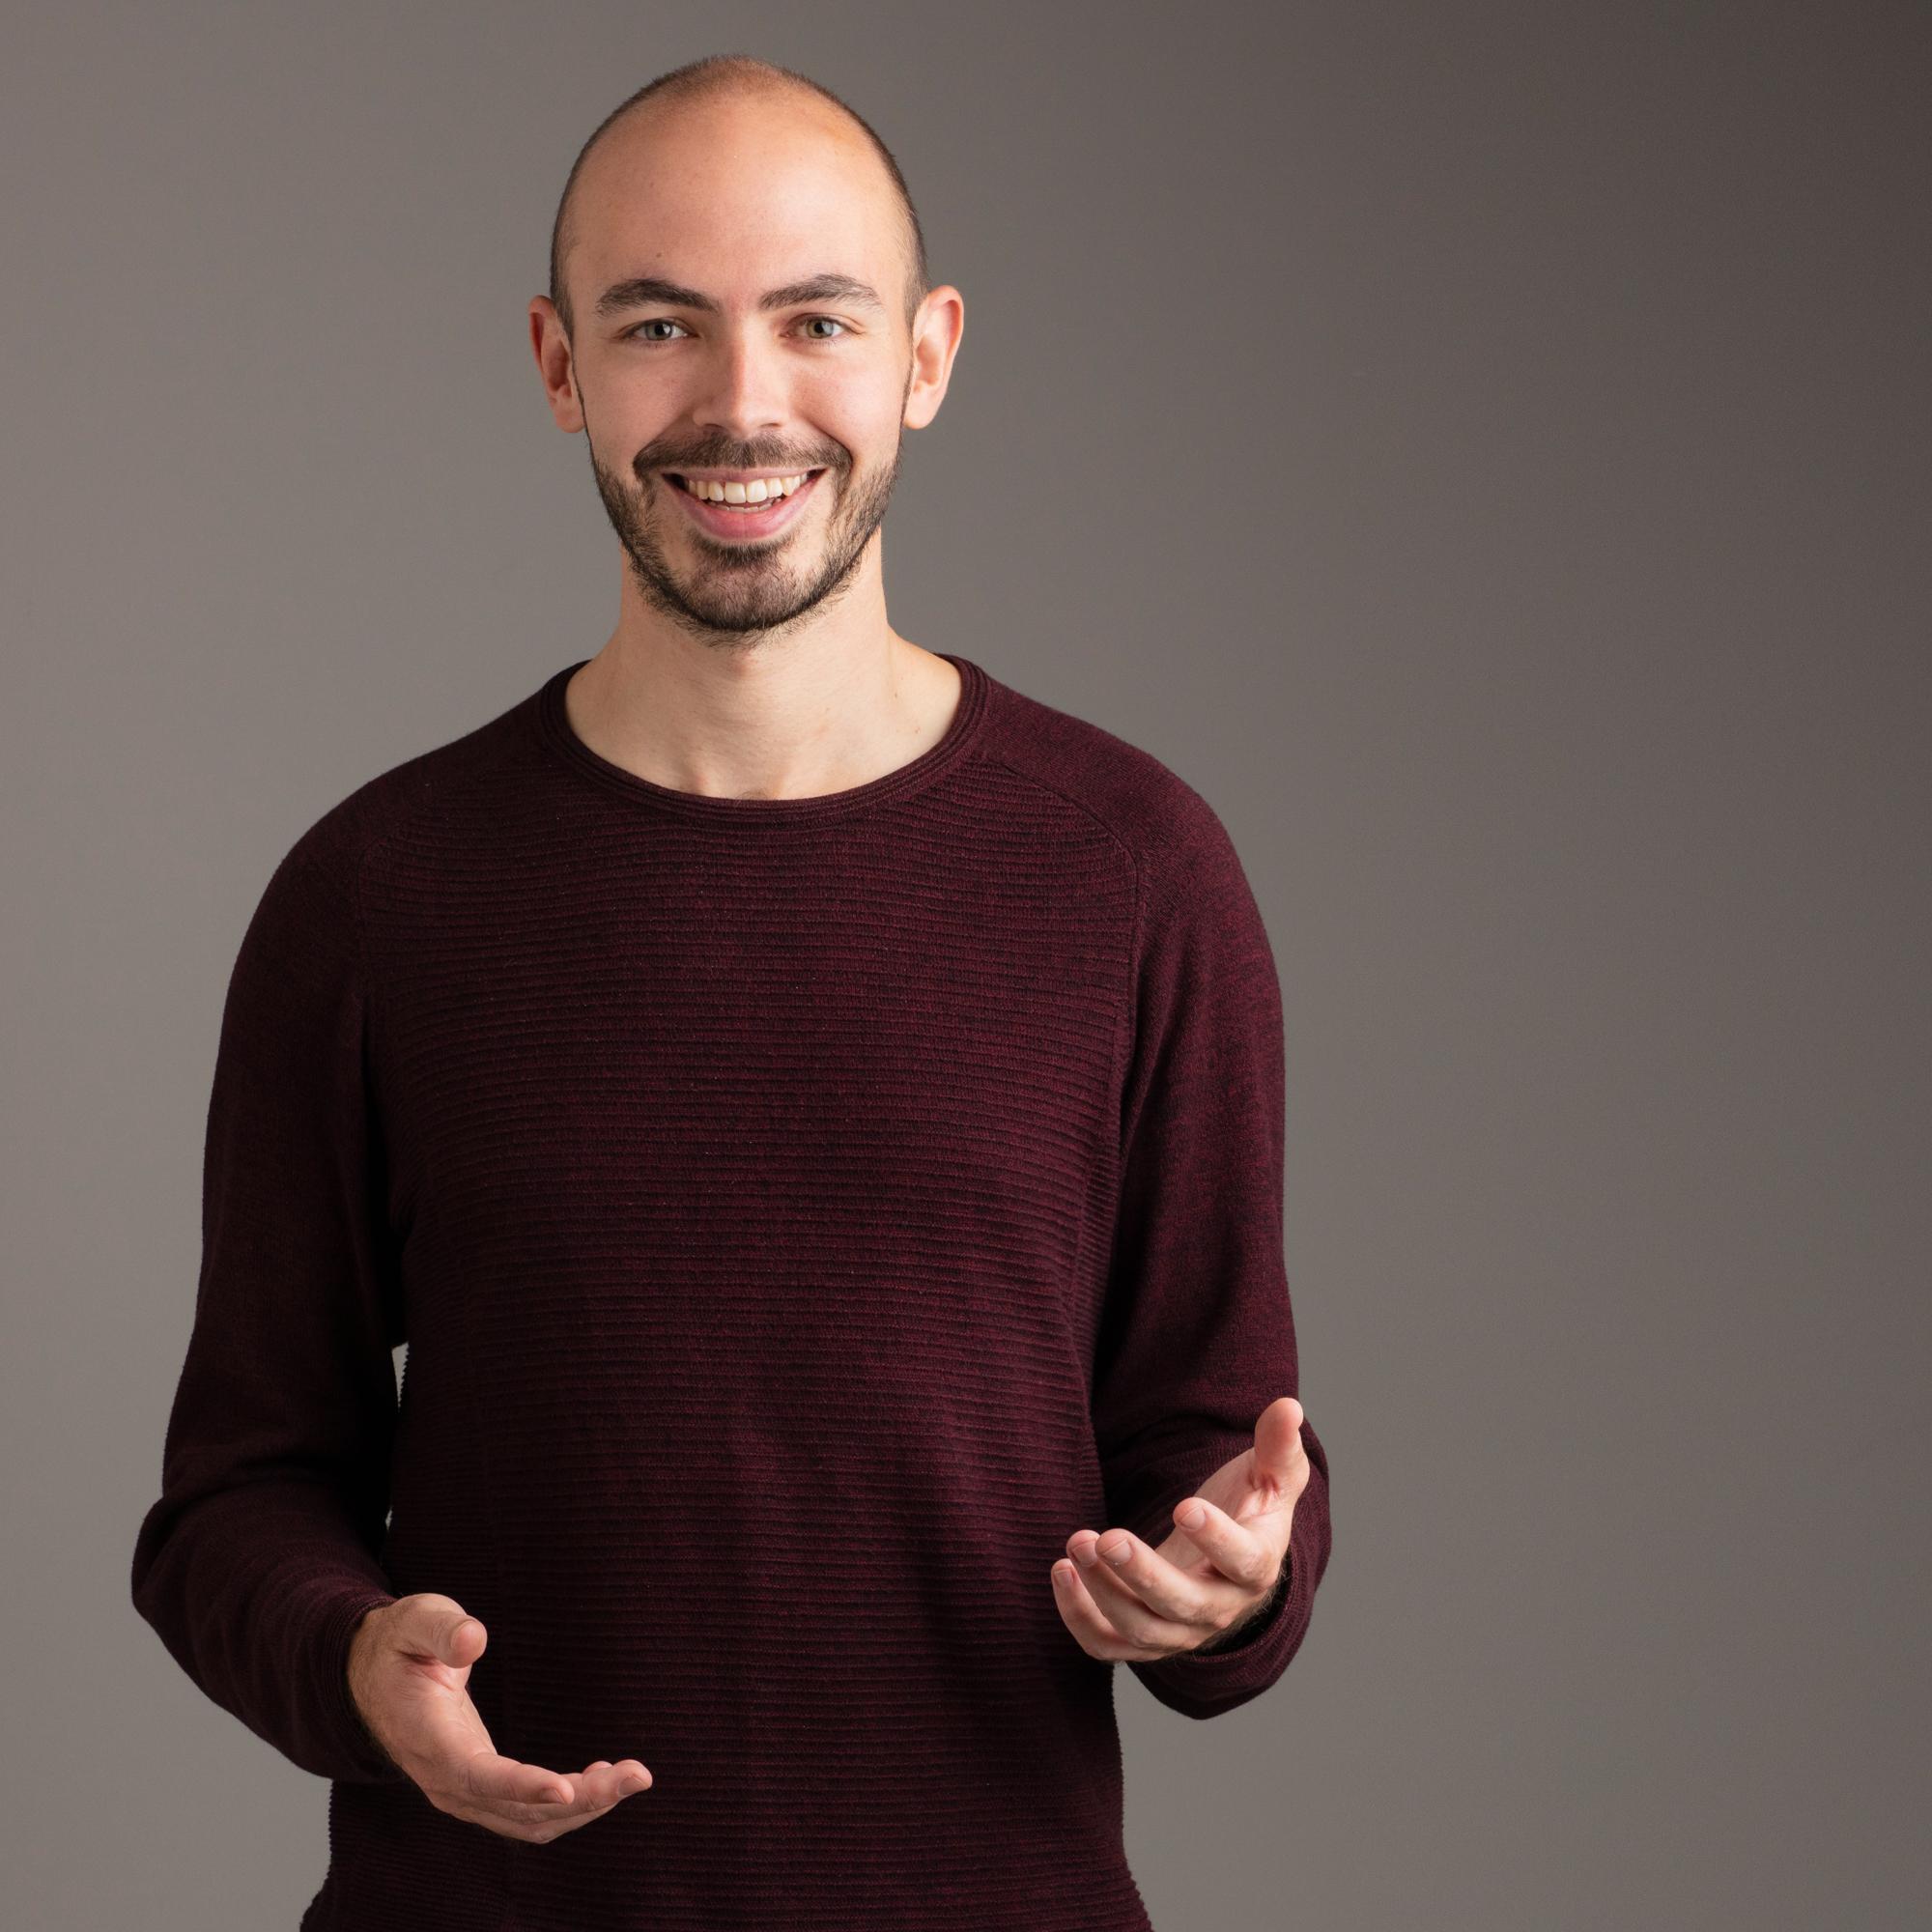 Kleurenfoto van mental coach Jeroen Vanbever met glimlach tijdens een presentatie